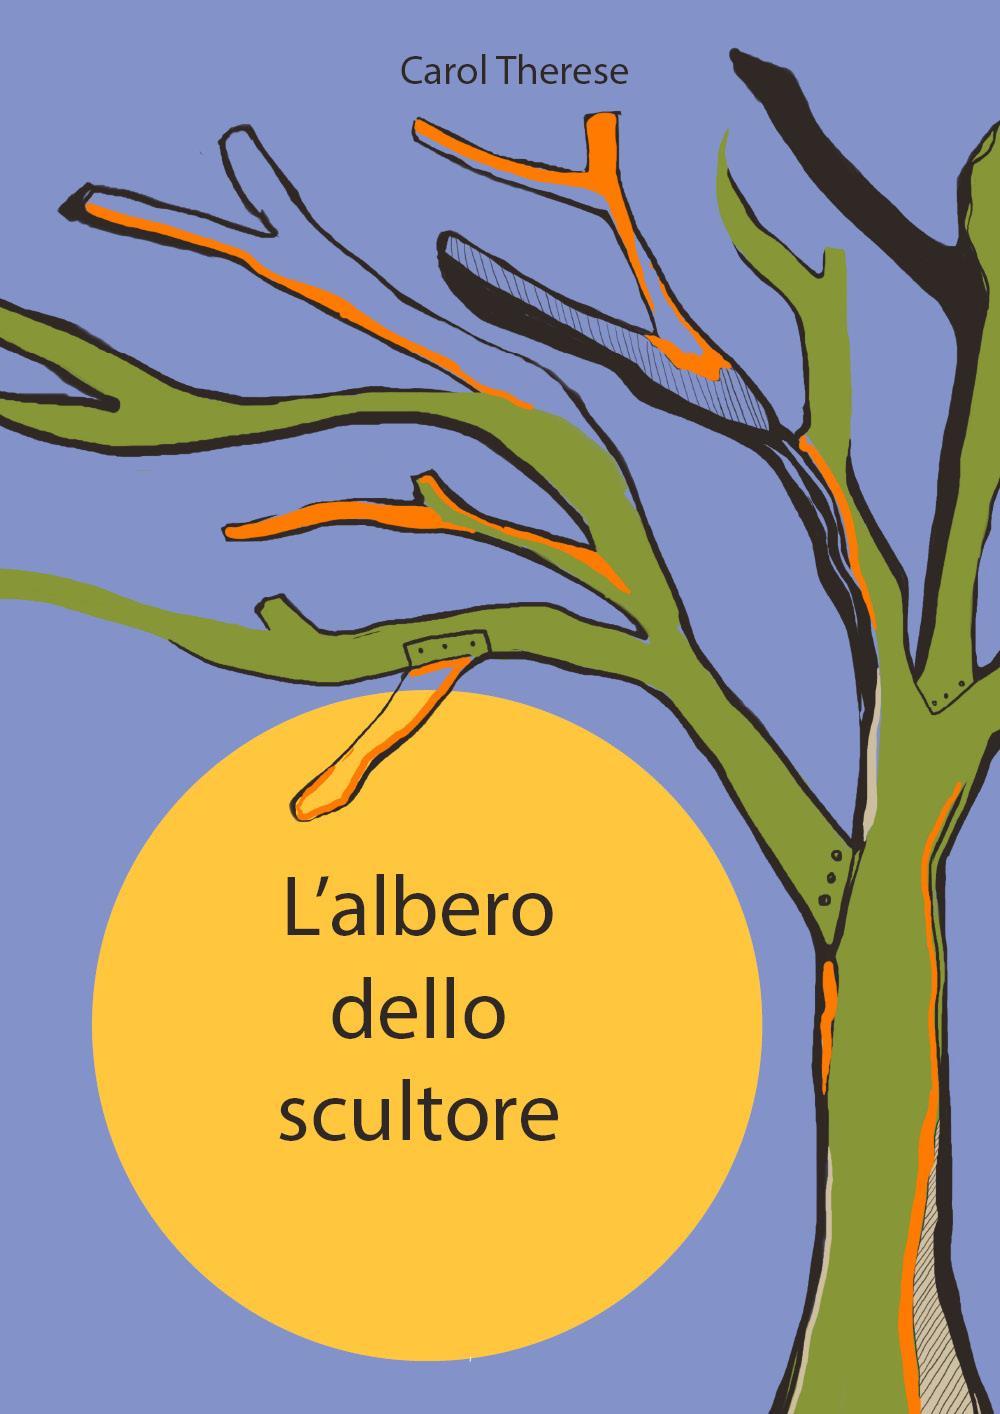 L'albero dello scultore